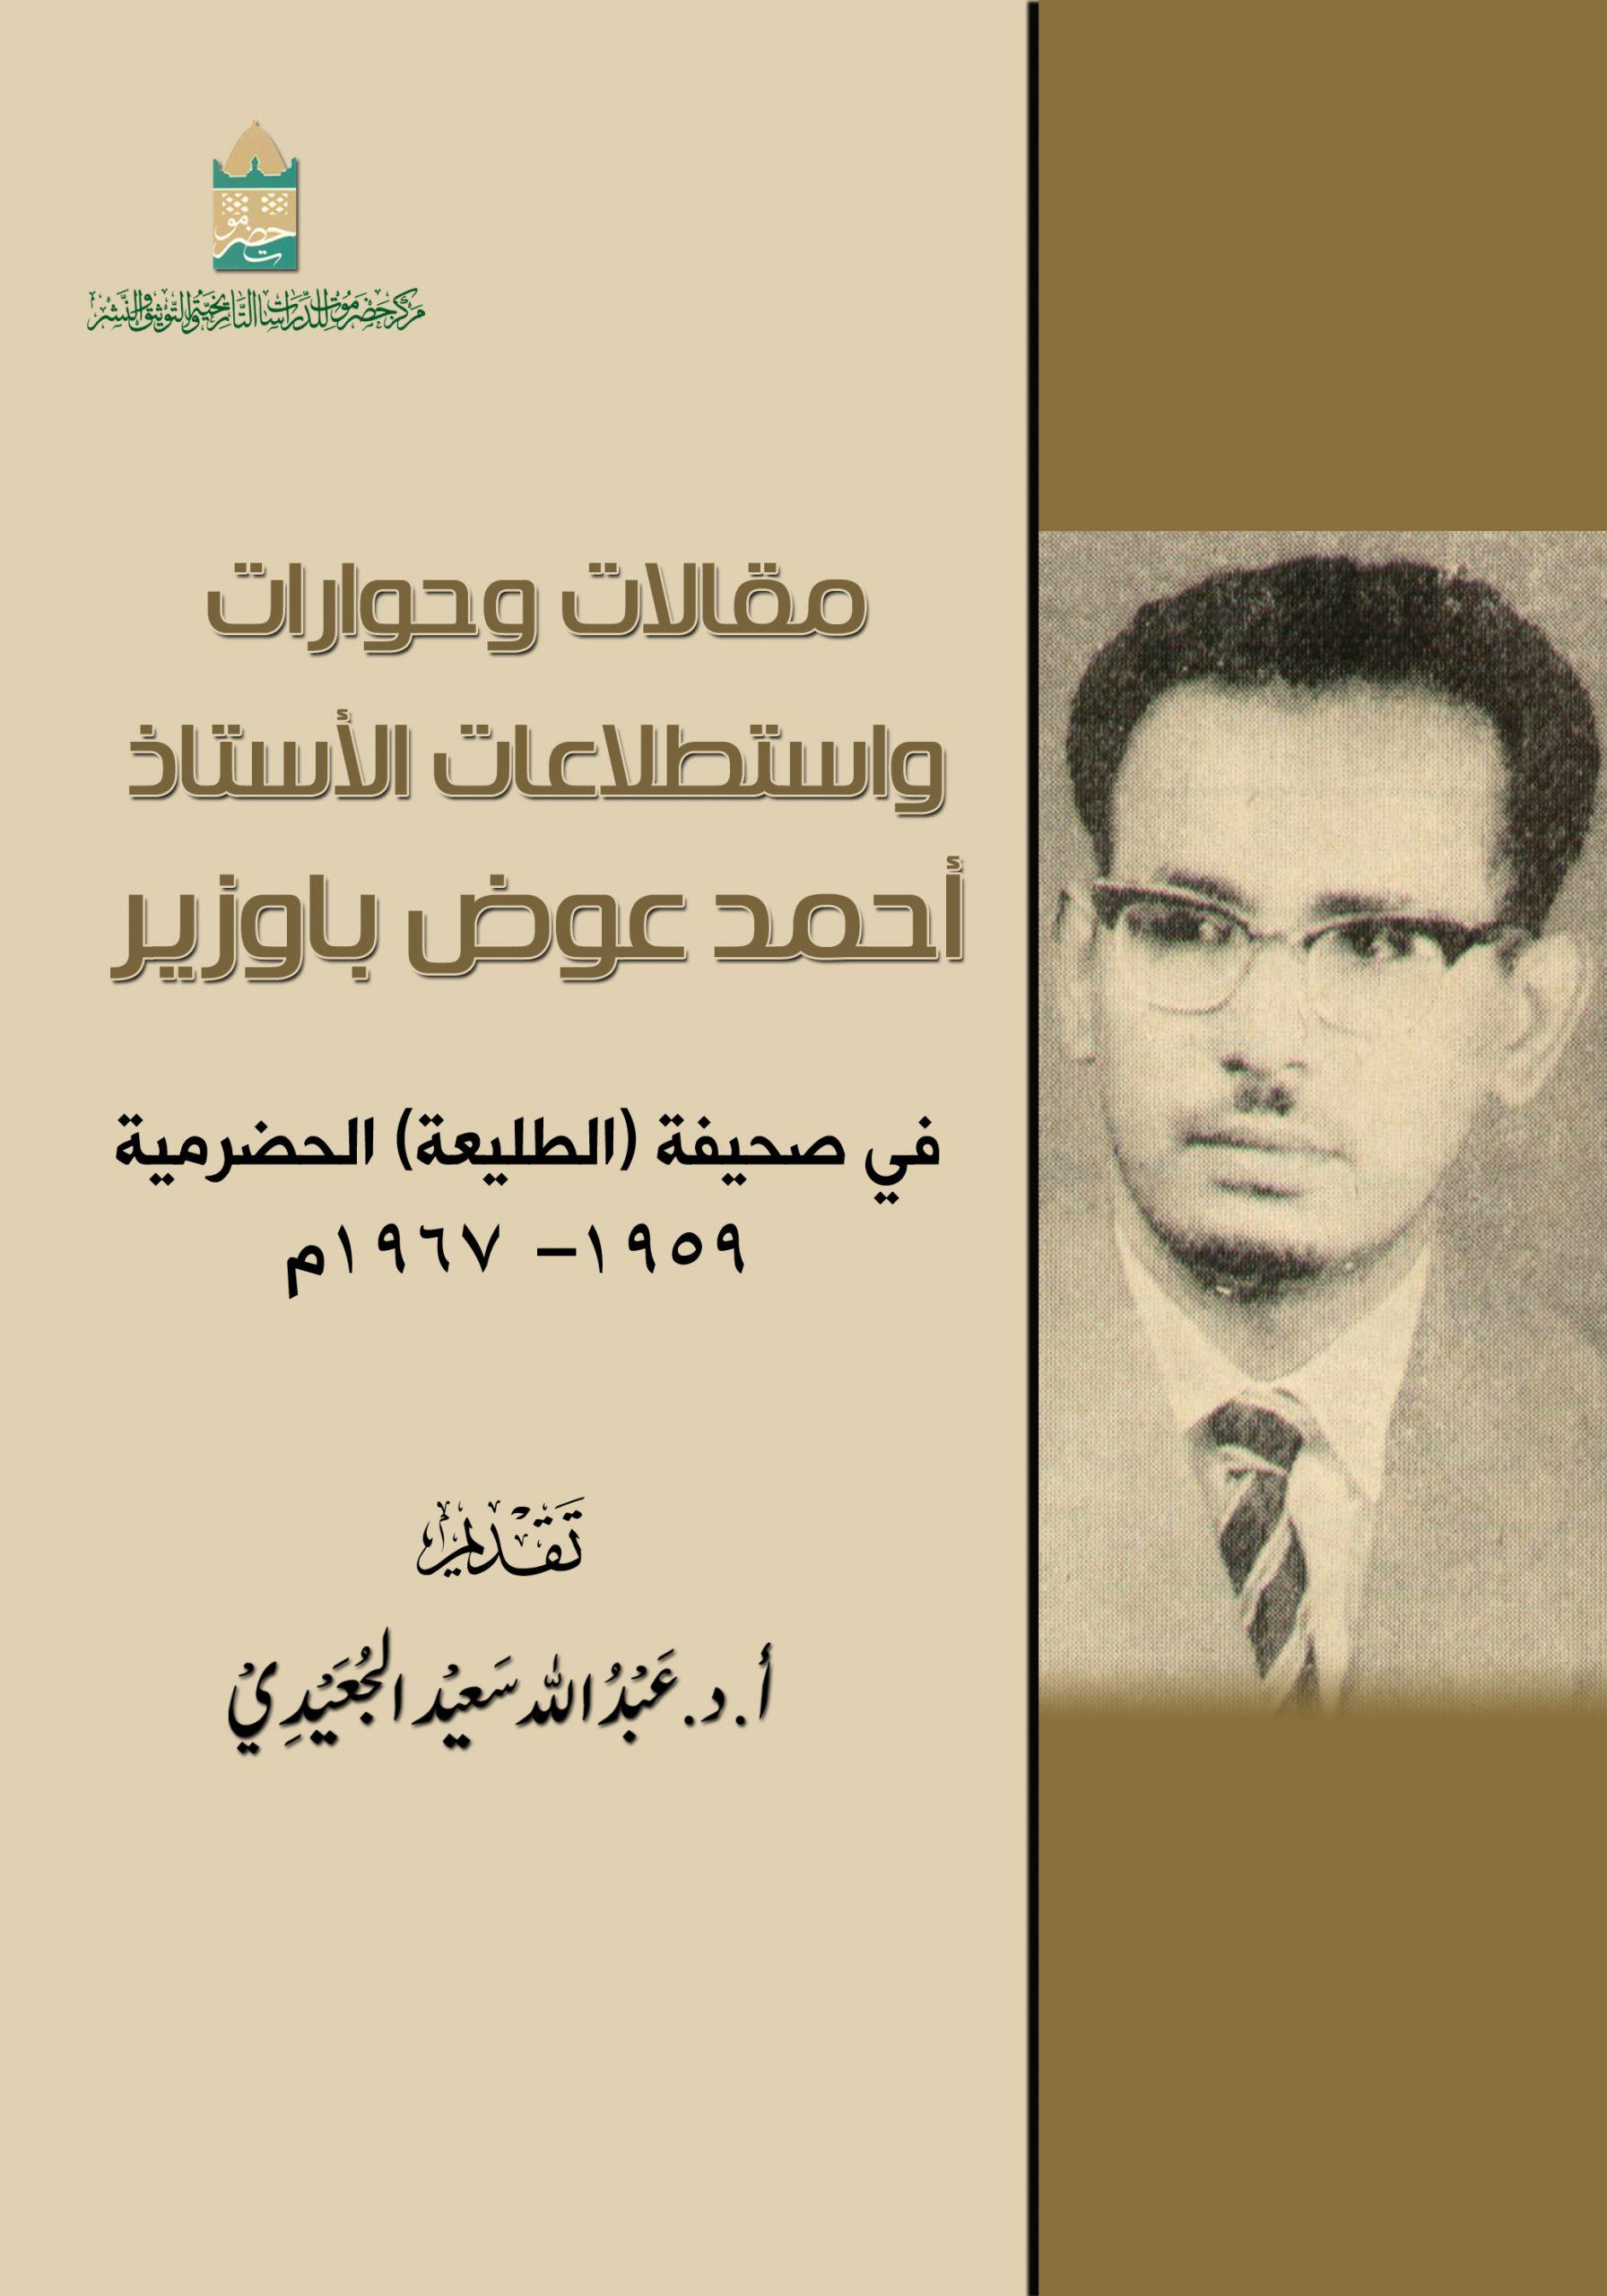 مقالات وحوارات واستطلاعات الأستاذ أحمد عوض باوزير